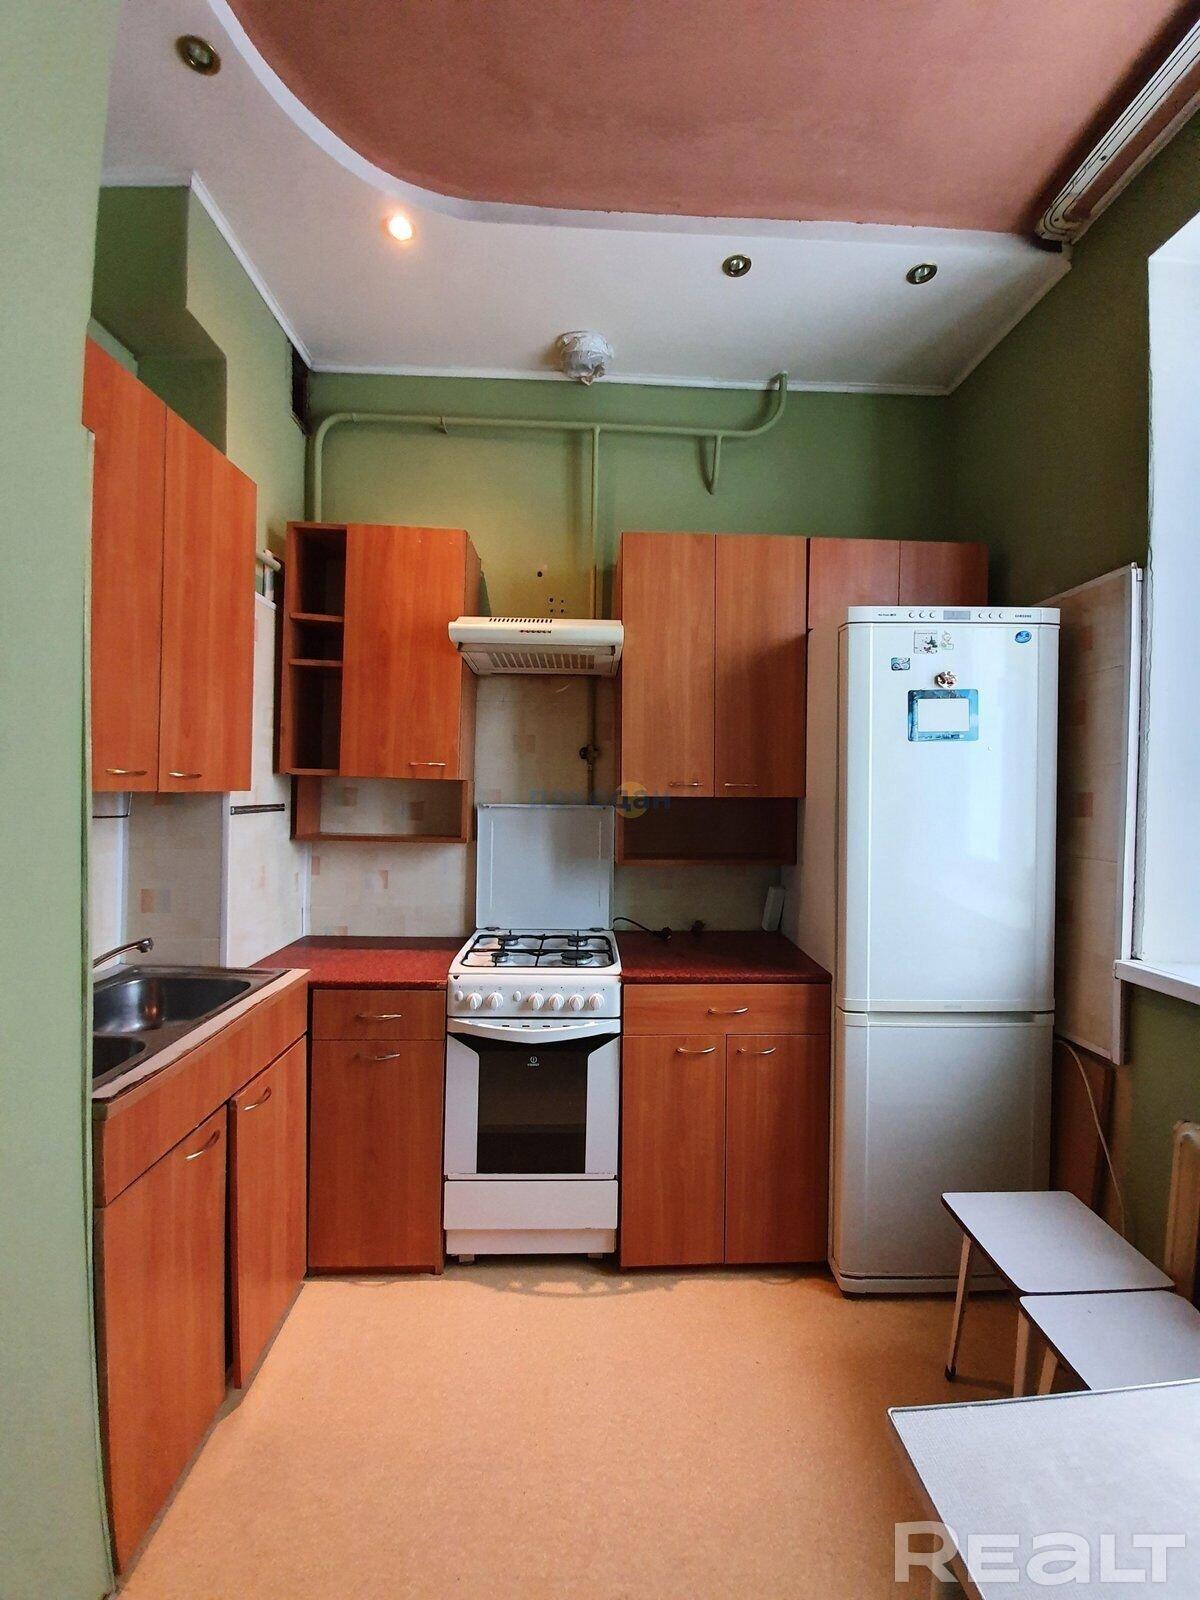 Продается 2-х комнатная квартира, просп. Партизанский д.126 - фото №3